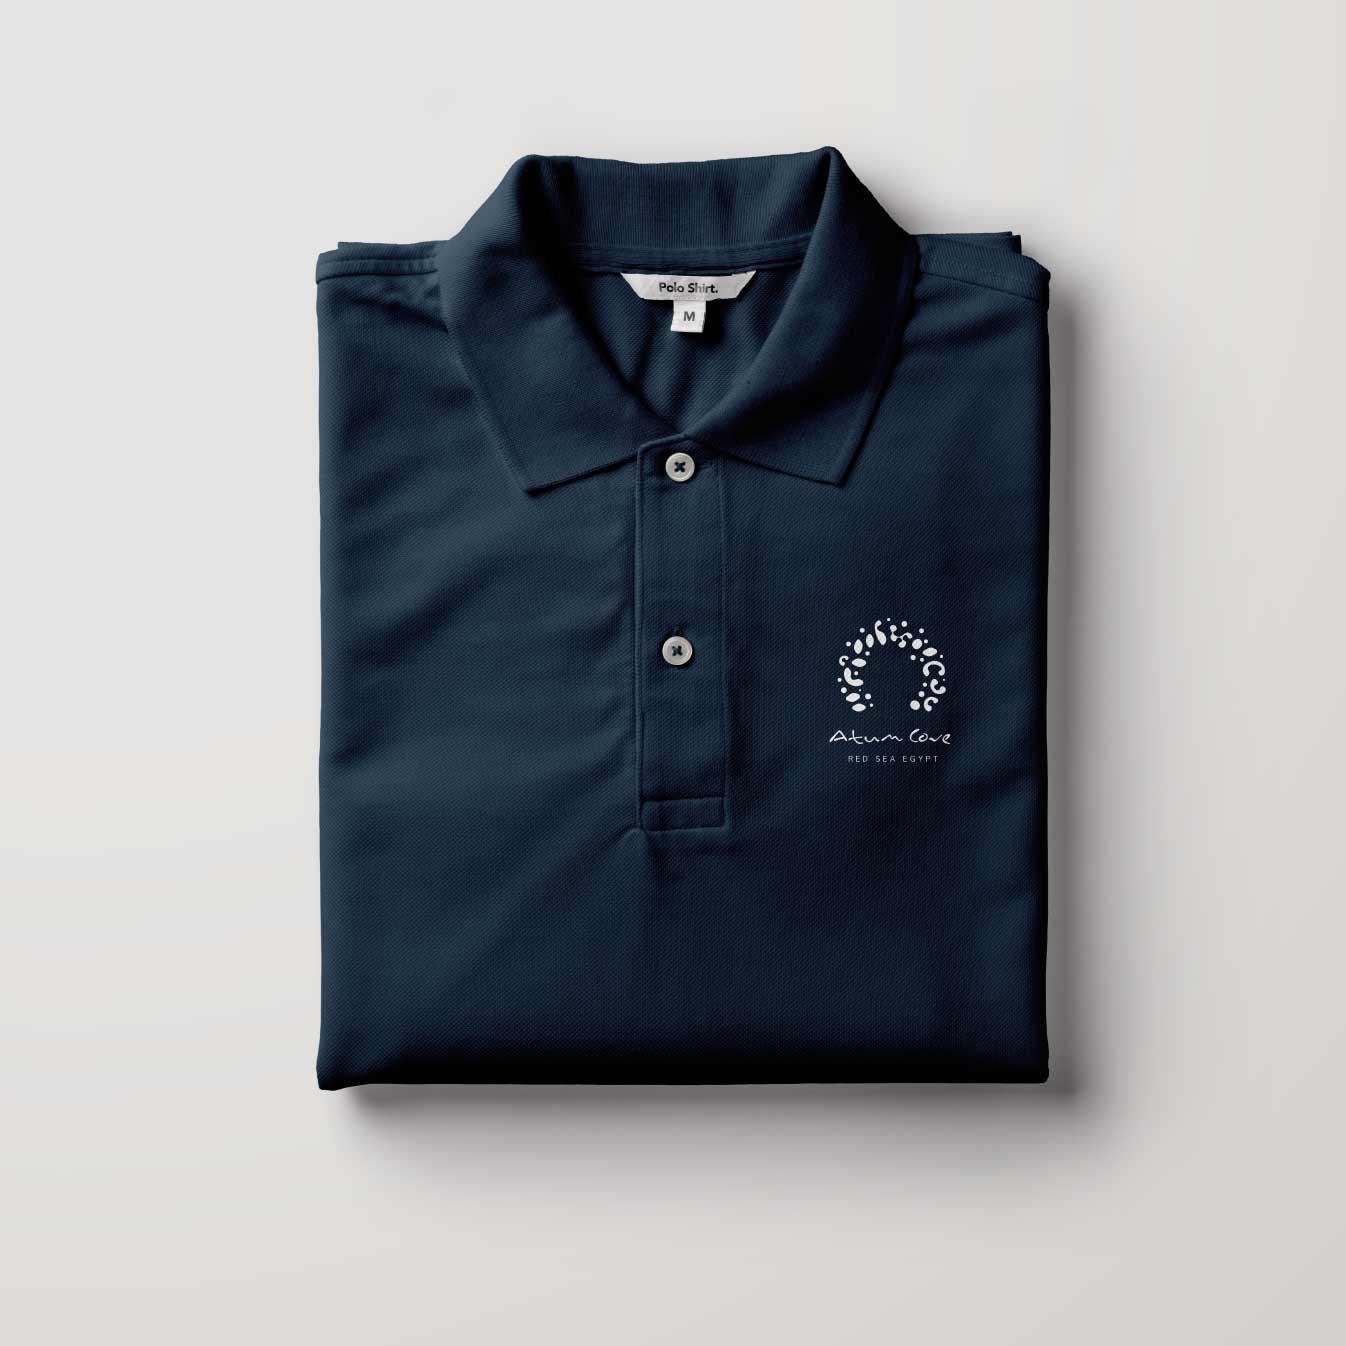 somewhere-AC-uniform